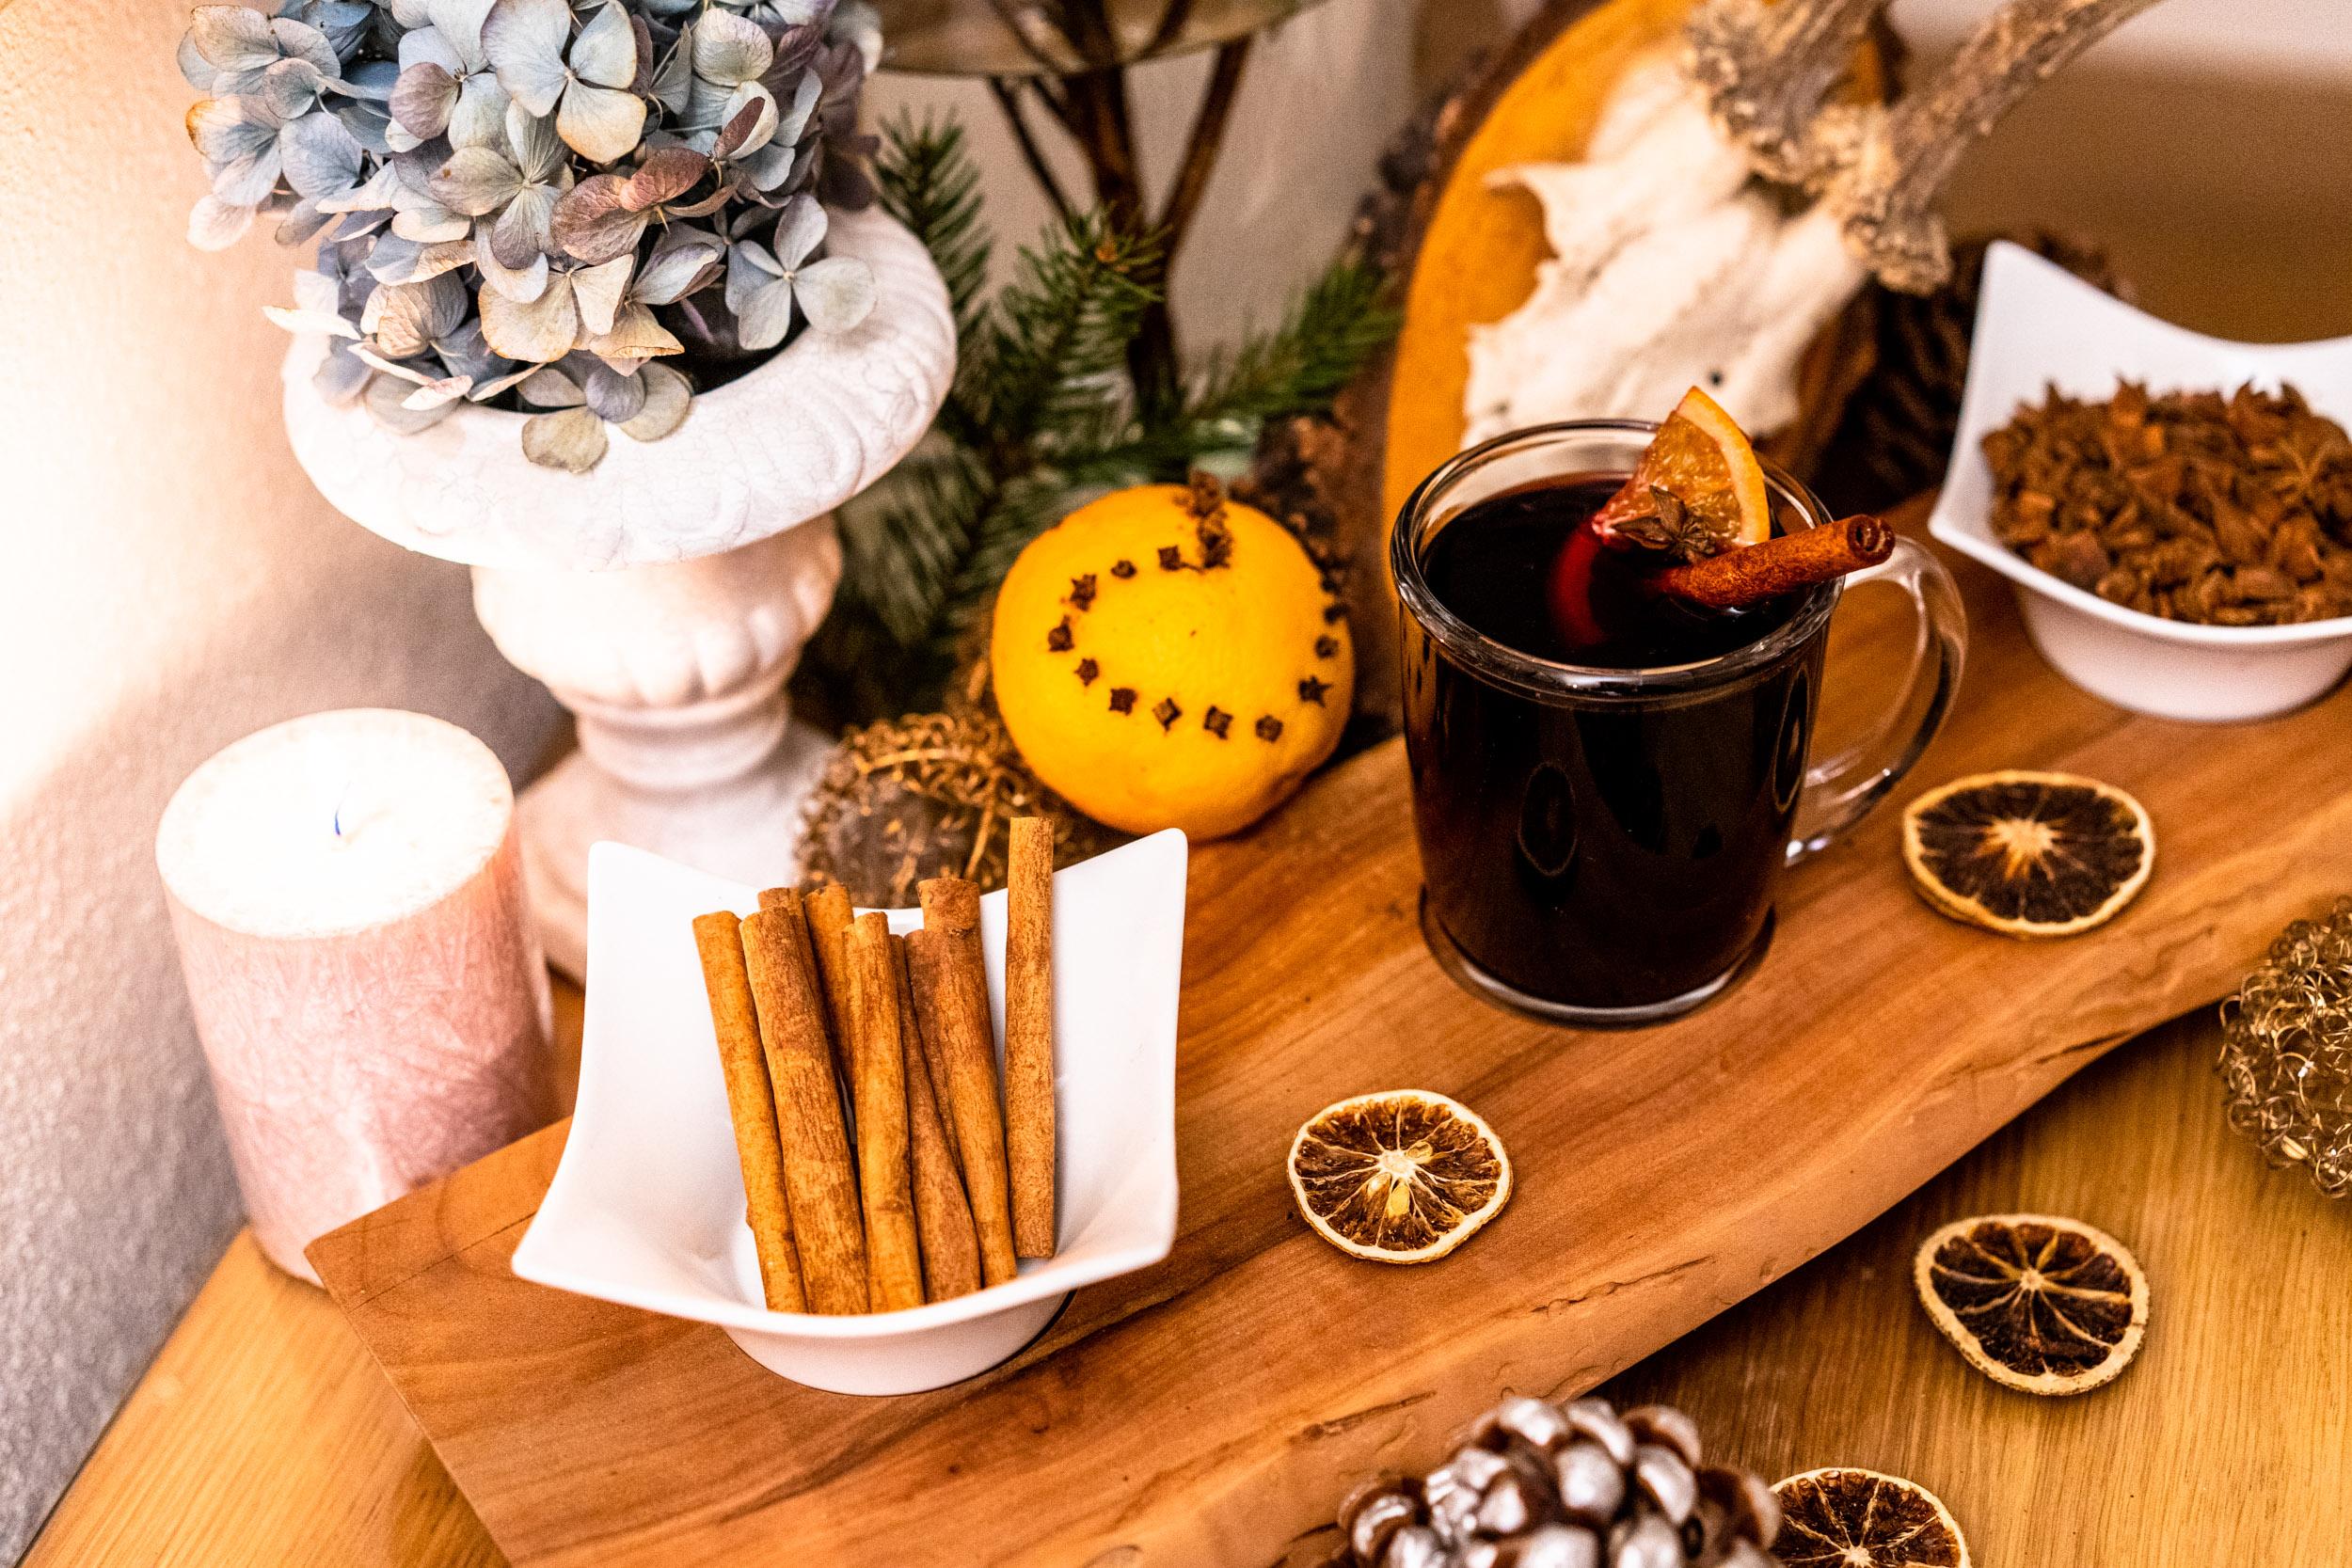 Egal ob als Zimtstange zur Deko oder gemahlenes Gewürz, Zimt ist das Gewürz der Weihnachtszeit